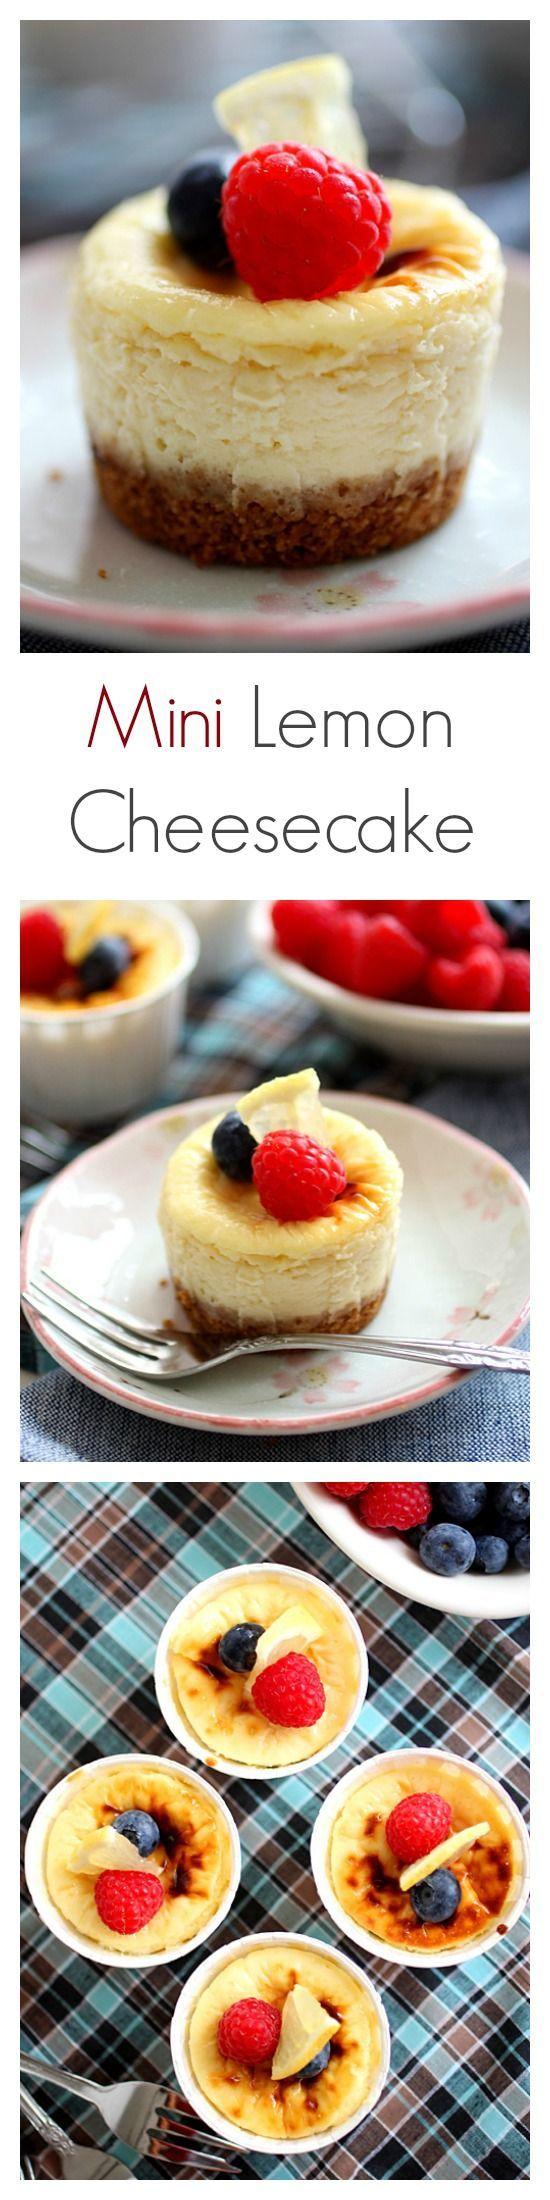 Mini lemon cheesecake recipe. Super rich, creamy, and citrusy cheesecake, in a cute mini size. Passover dessert idea! | rasamalaysia.com